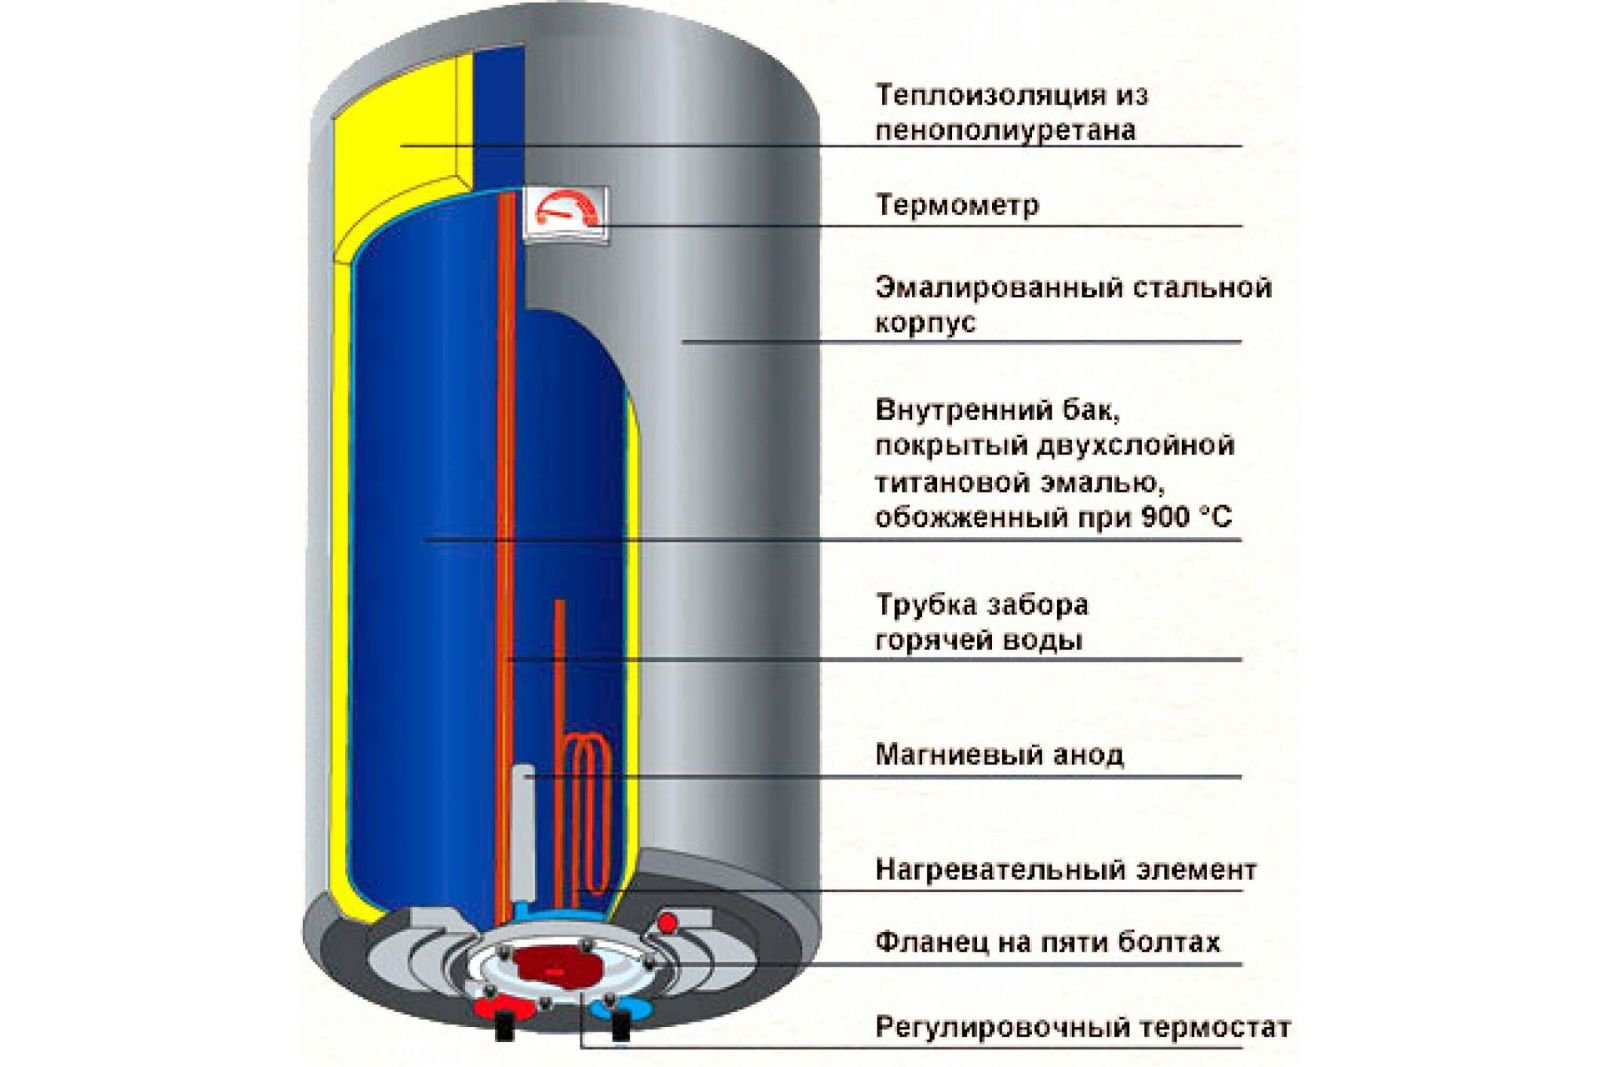 Внутреннее эмалевое покрытие электрического бойлера